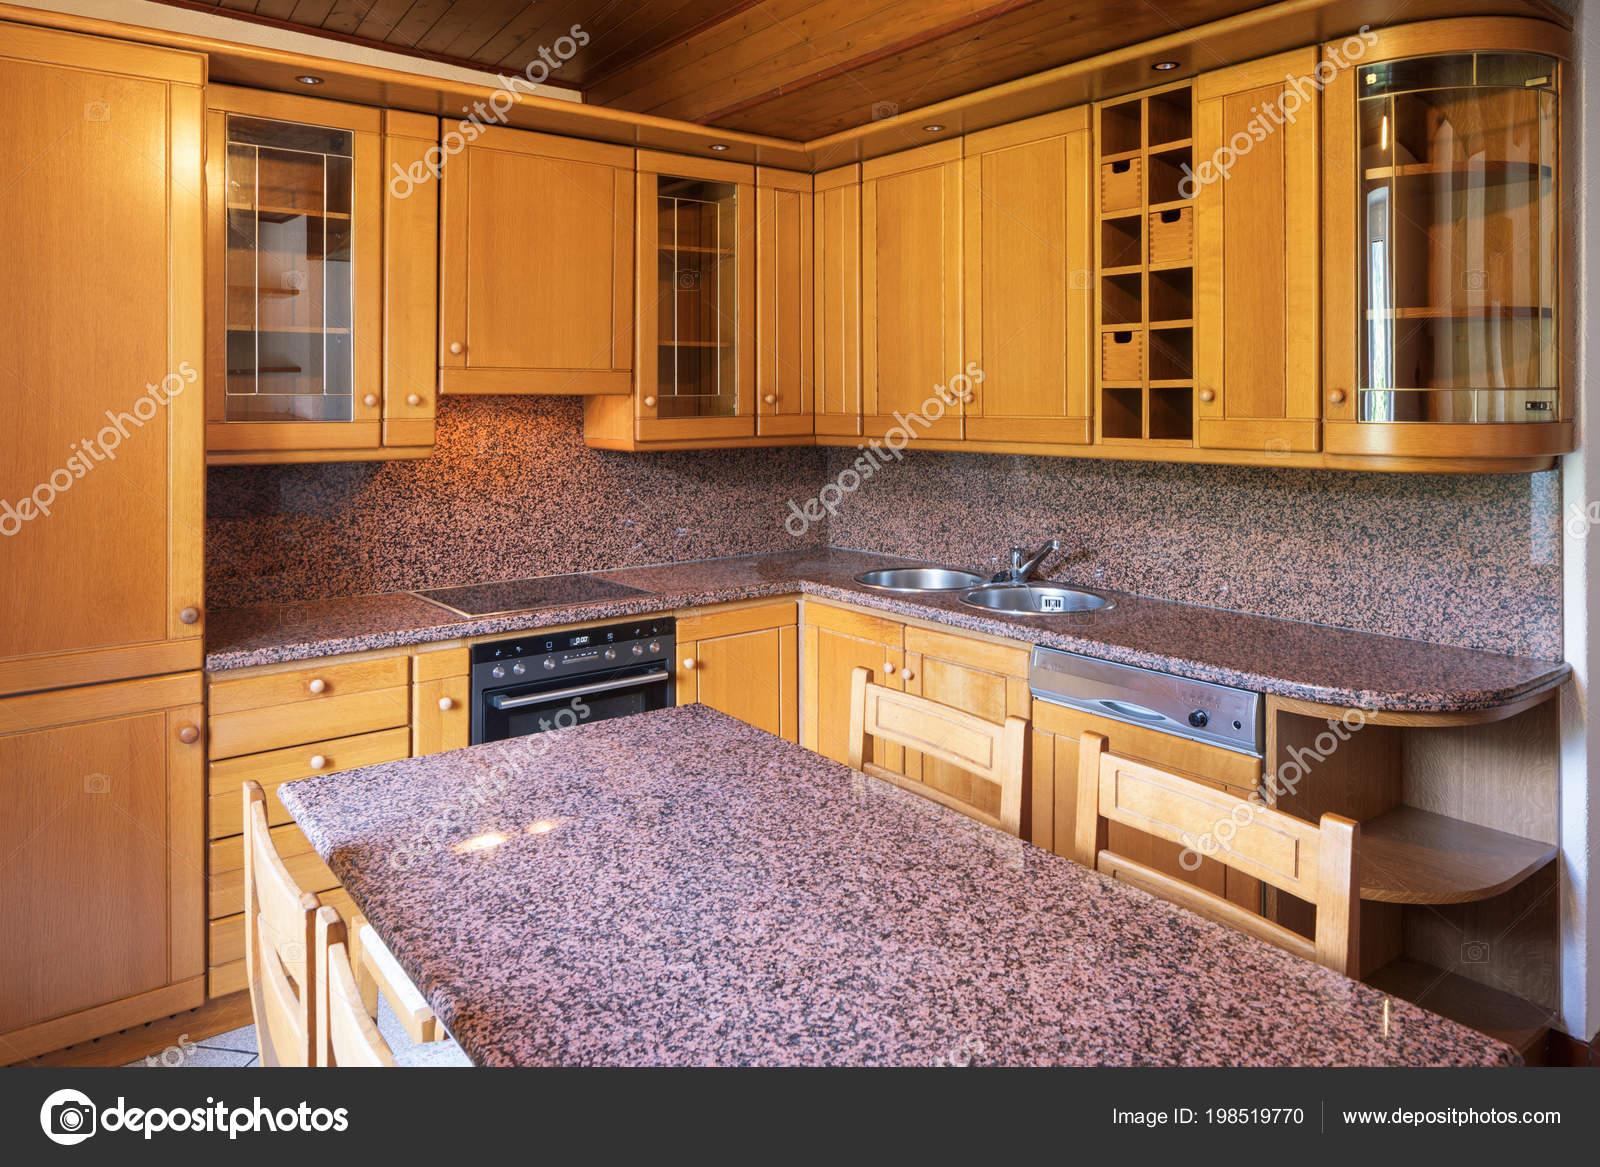 Cocina Con Mesa Muebles Madera Nadie Dentro — Fotos de Stock ...